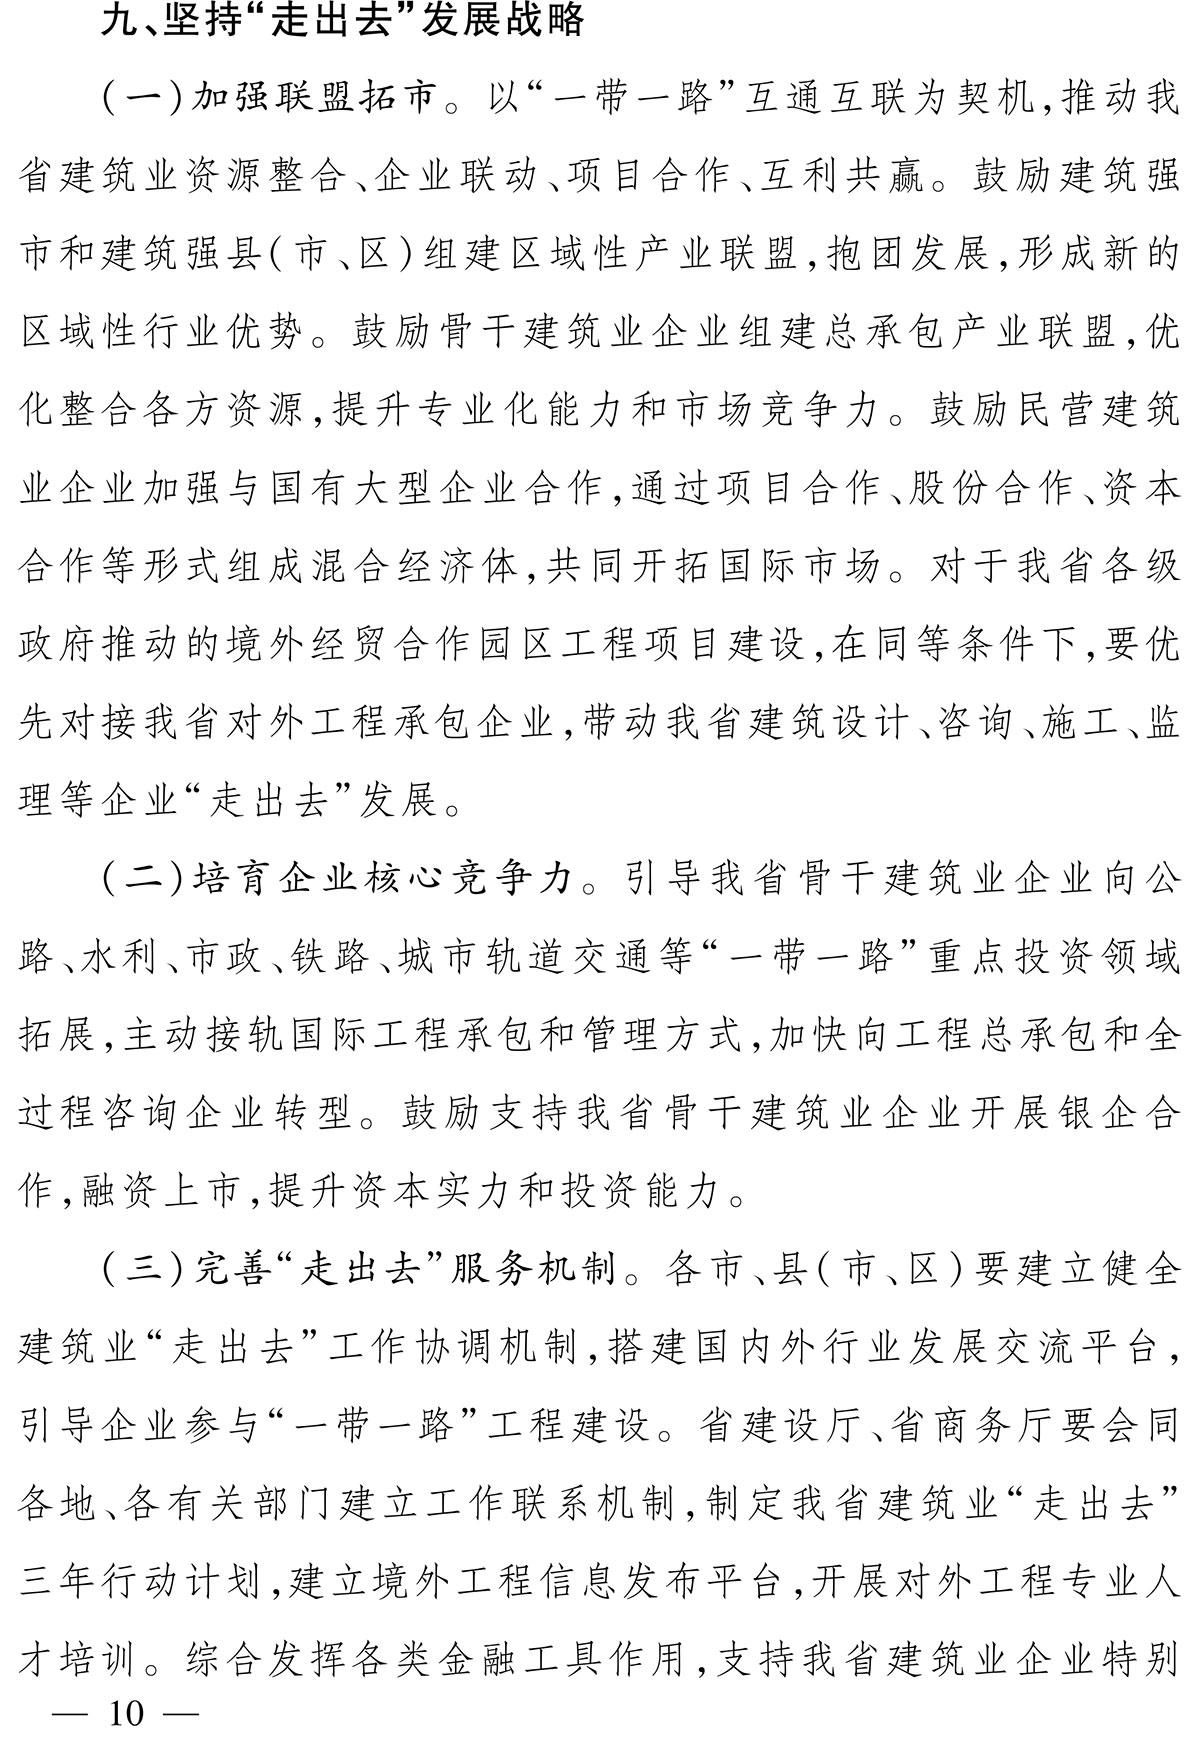 浙江省人民政府办公厅关于加快建筑业改革与发展的实施意见-10.jpg